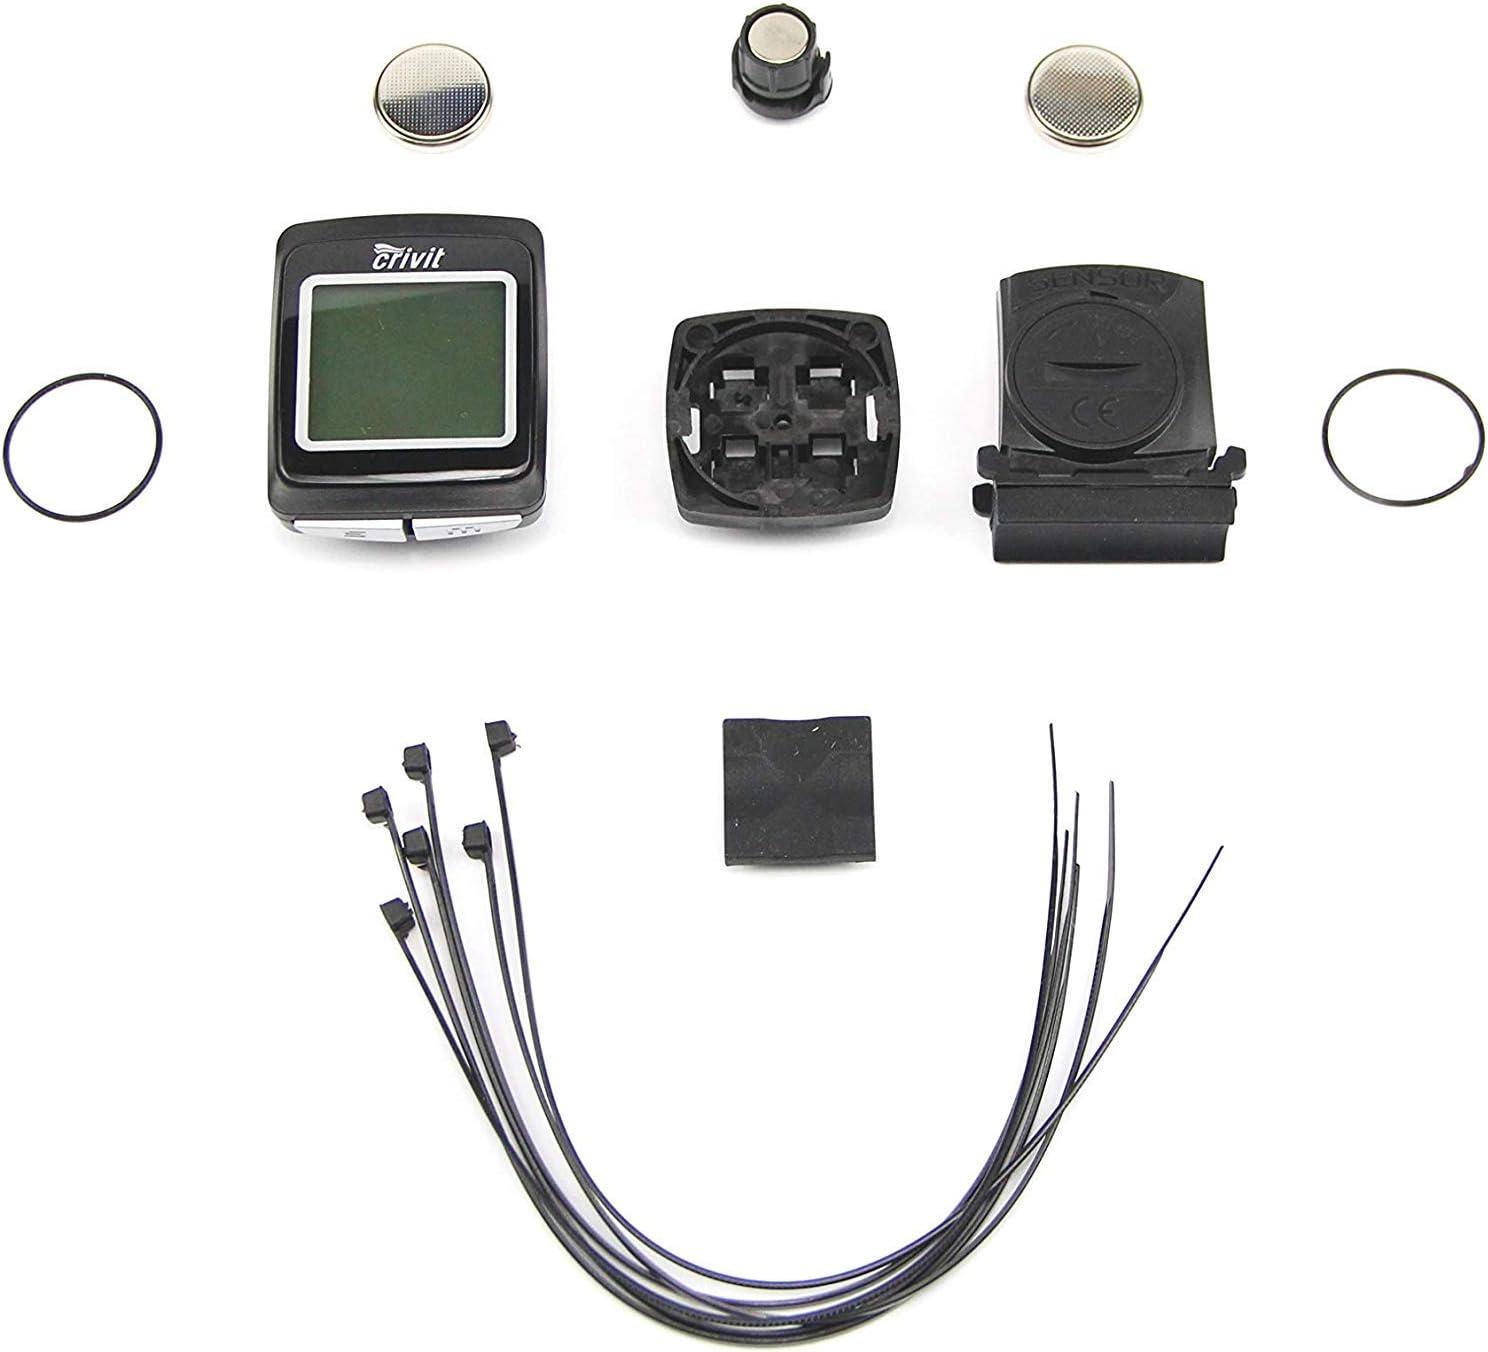 Crivit - Ciclocomputador (15 Funciones, 4-45), Color Negro: Amazon.es: Deportes y aire libre